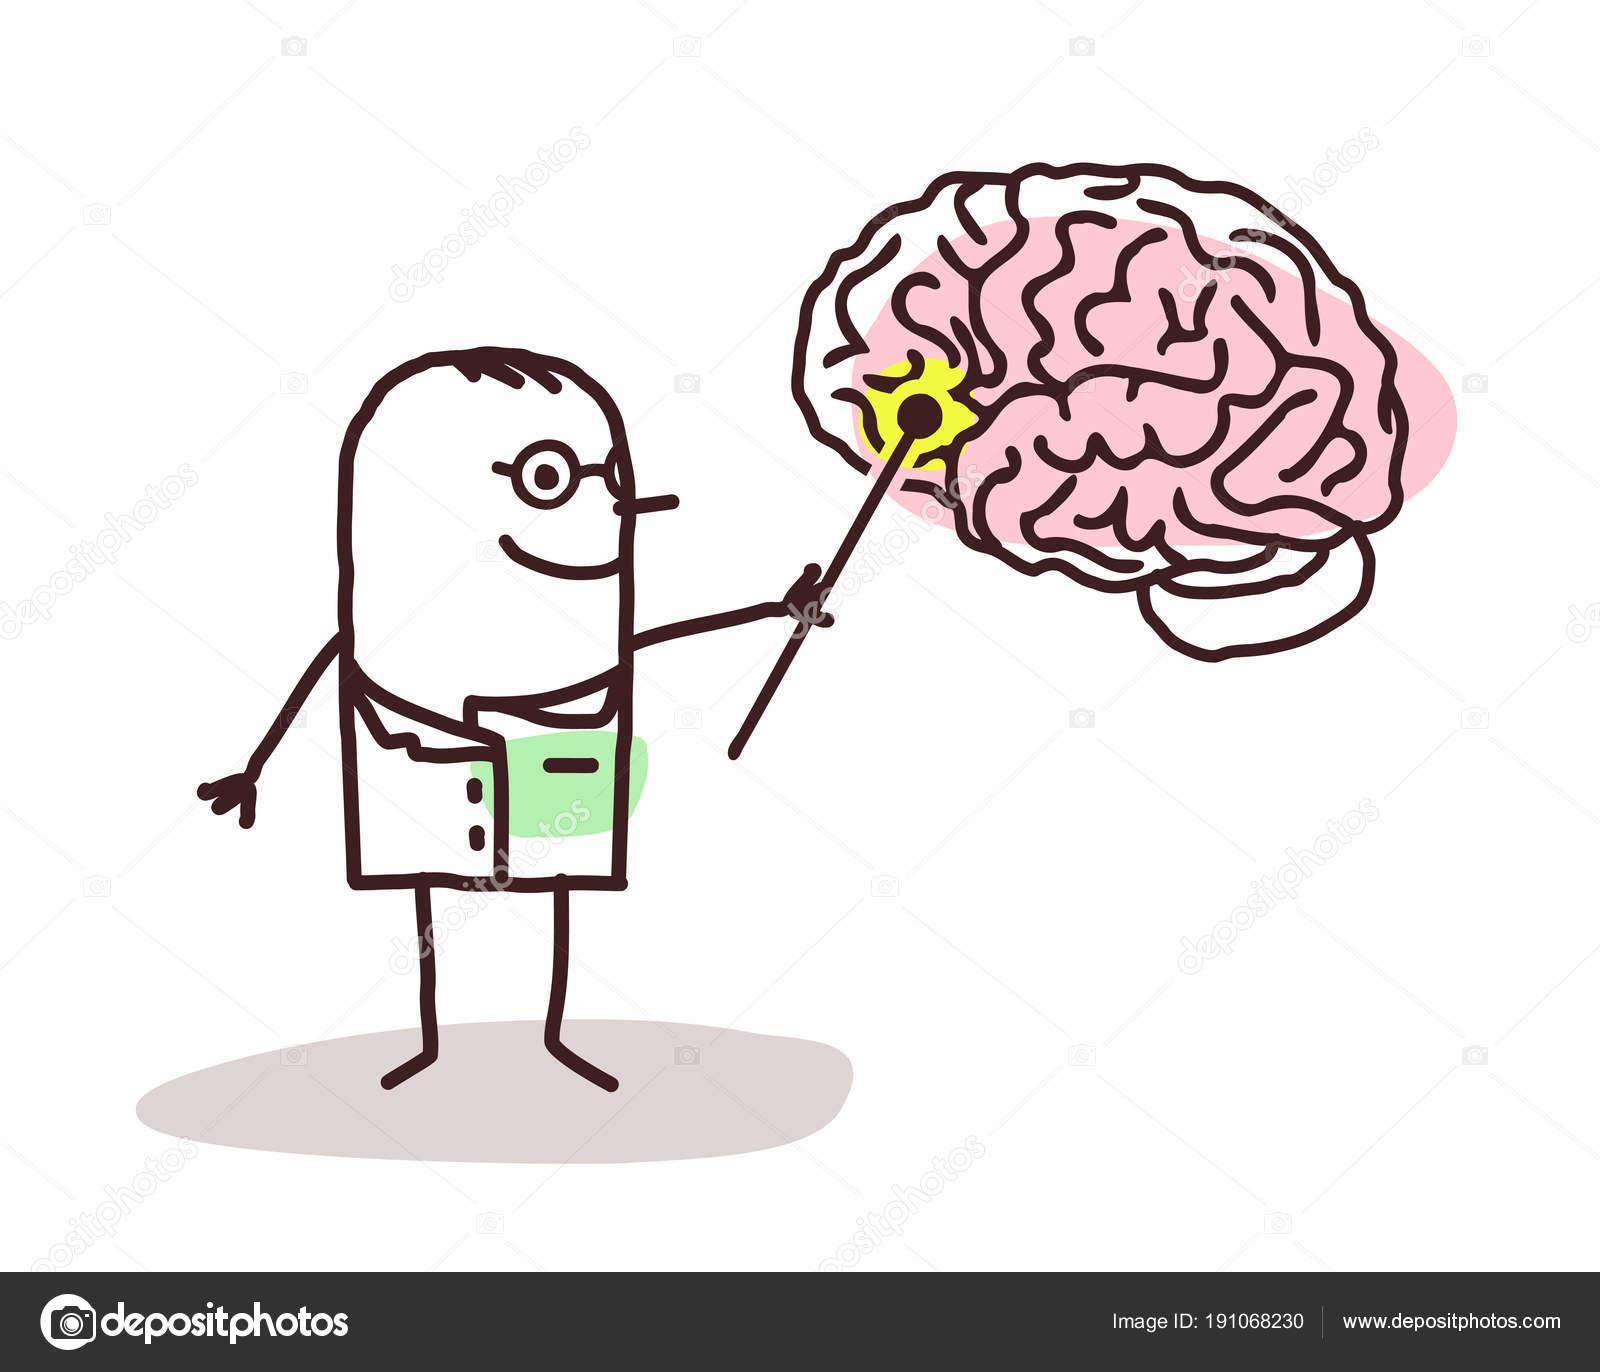 Imagenes Animadas De Neurologia